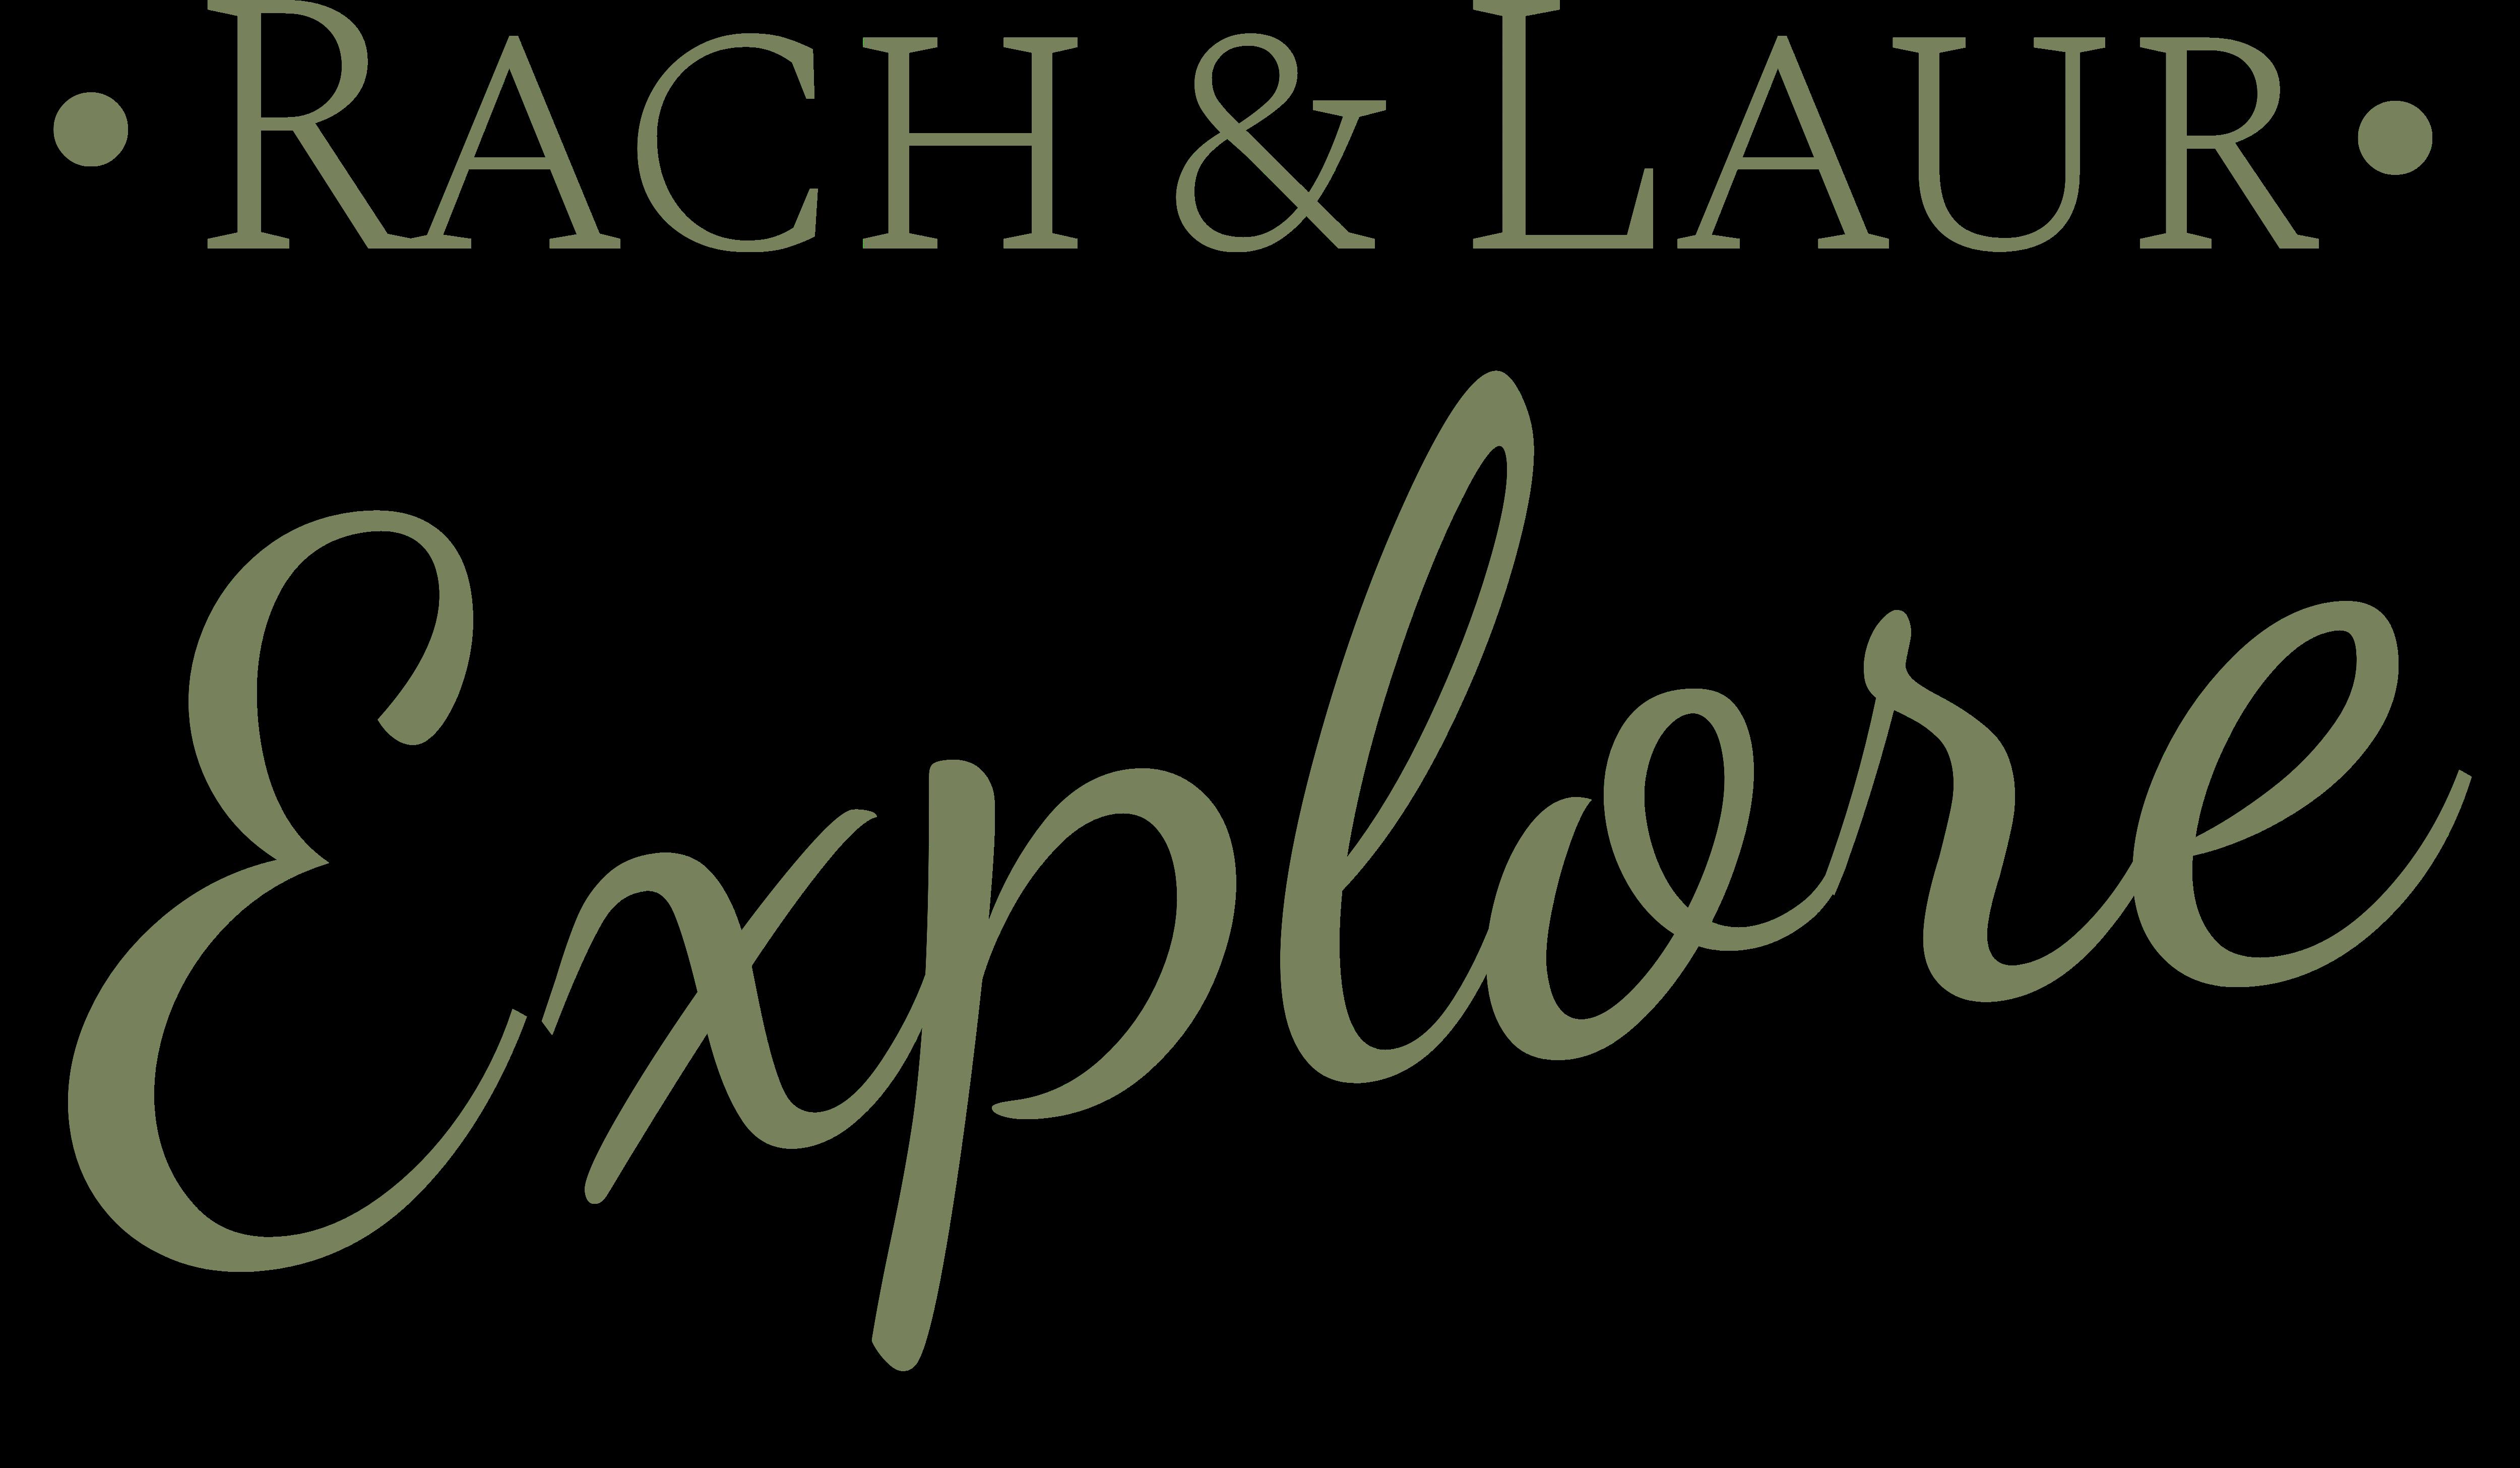 Rach & Laur Explore